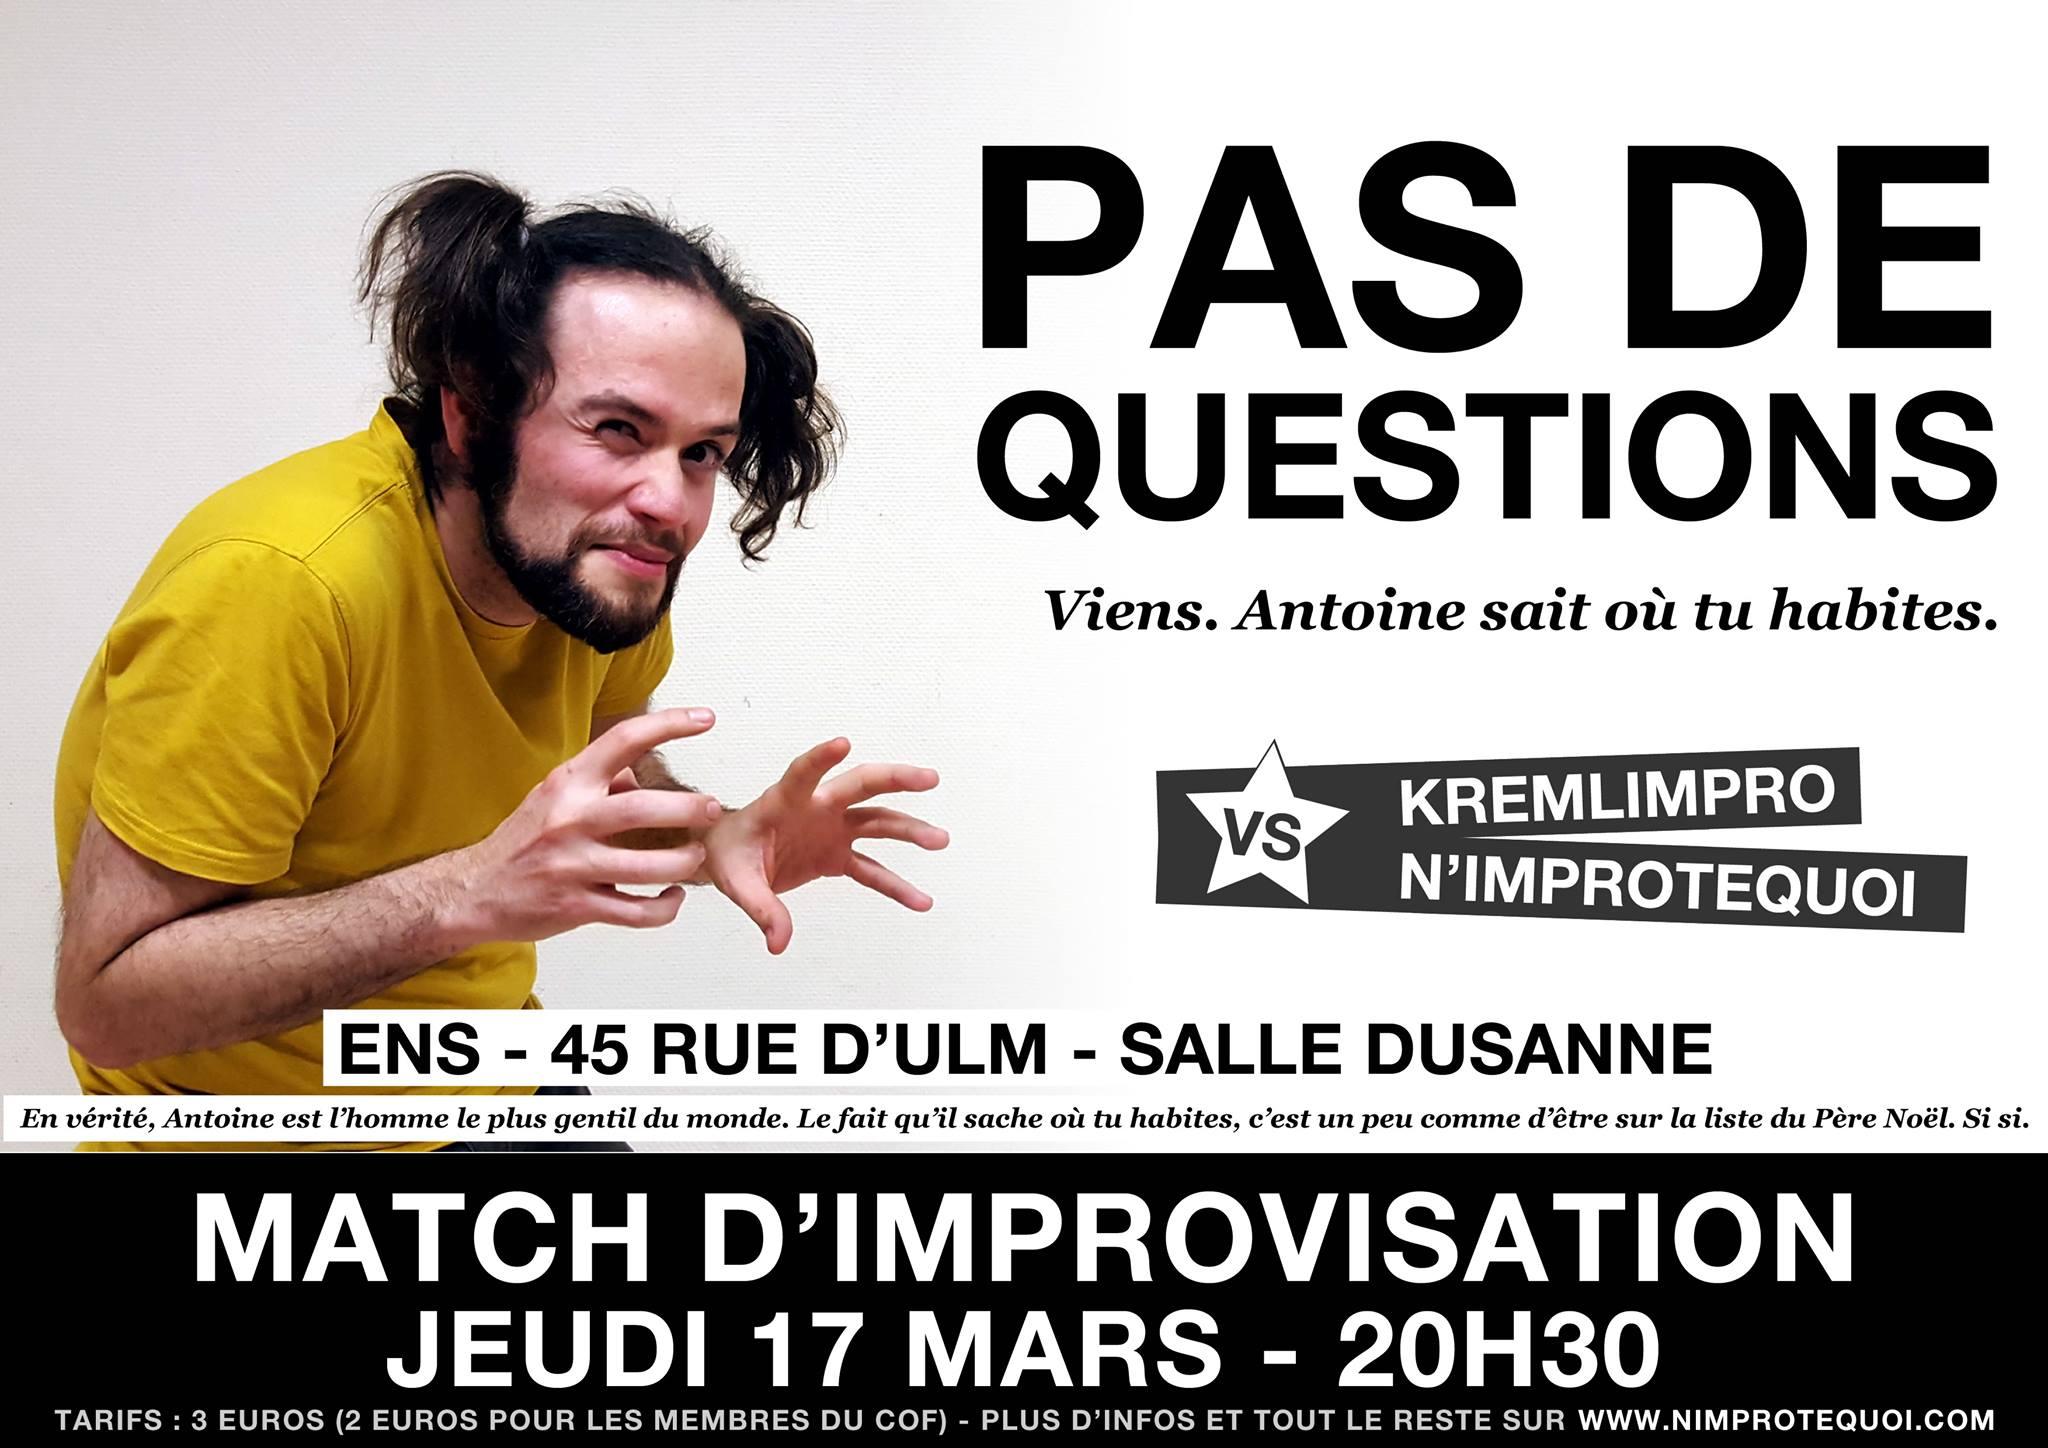 002dcc37be4fa affiche du match d improvisation kremlimpro nimprotequoi 17 mars 2016